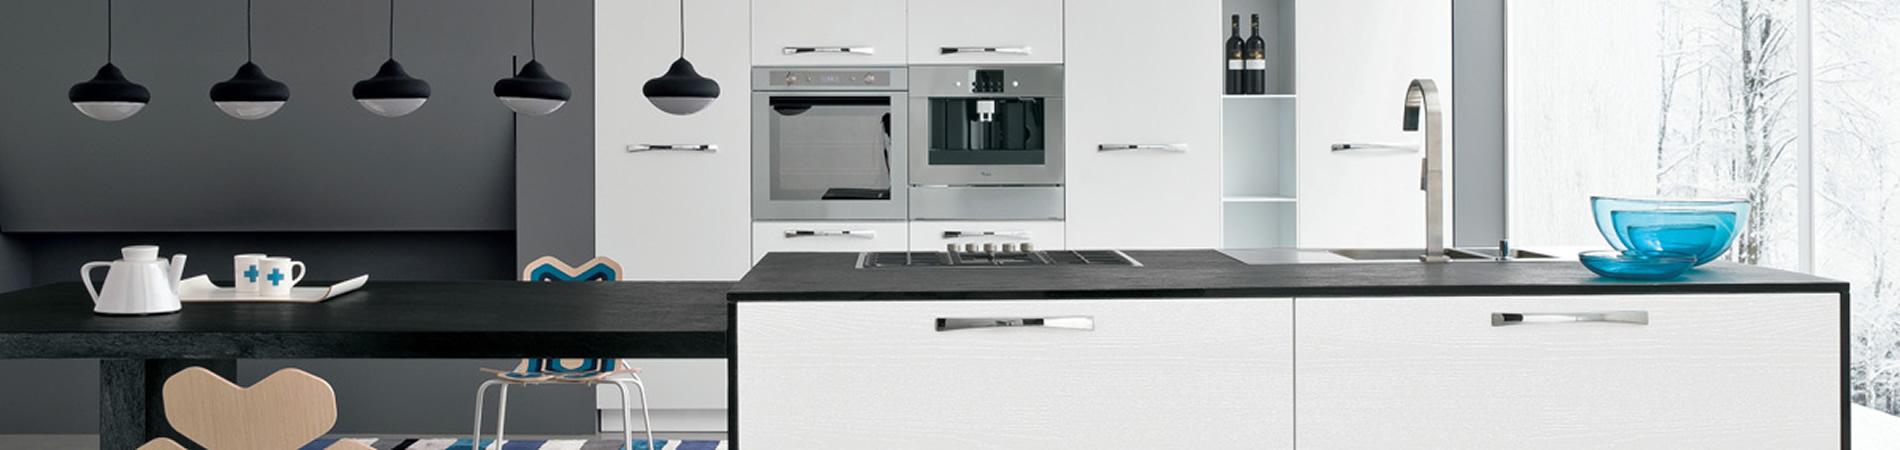 Full Size of Nolte Arbeitsplatte Java Schiefer Arbeitsplatten Preise Besten Küche Sideboard Mit Betten Schlafzimmer Wohnzimmer Nolte Arbeitsplatte Java Schiefer